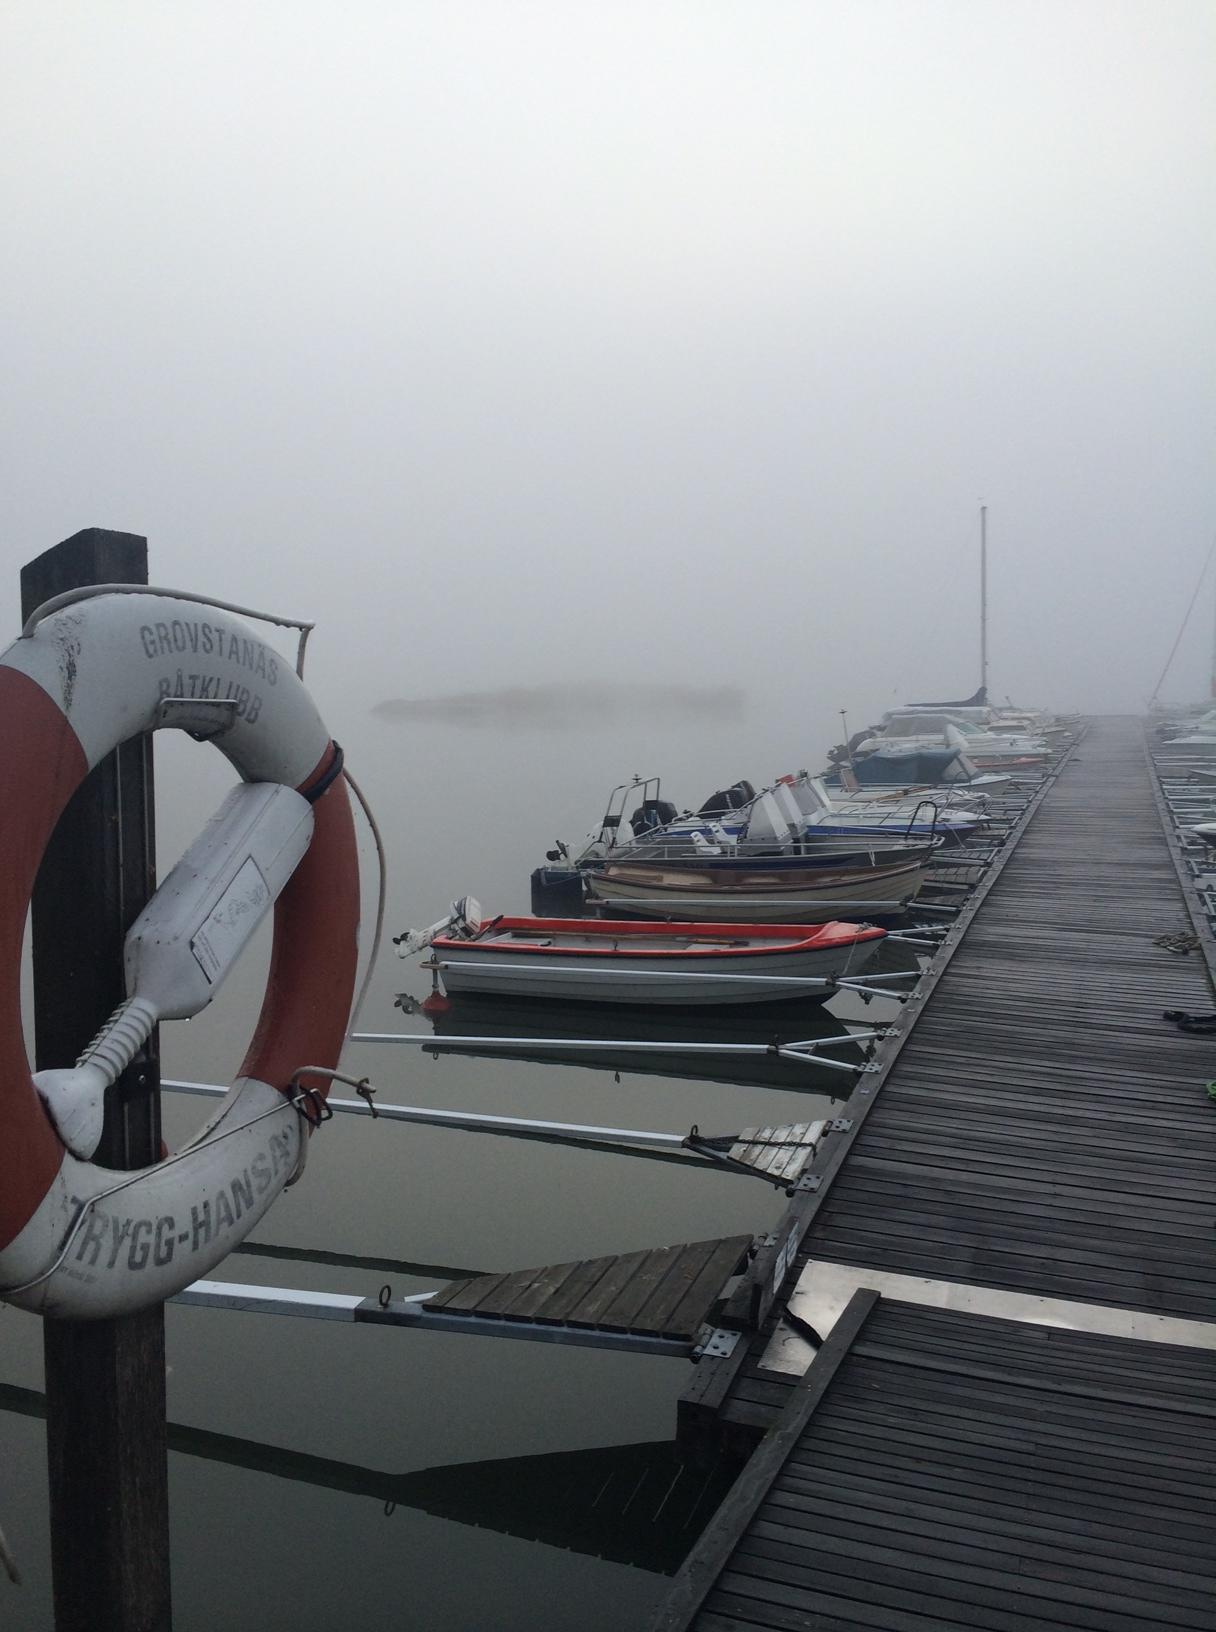 Grovstanäs Invitational 2014 på, då kommer dimman att ha lättat.